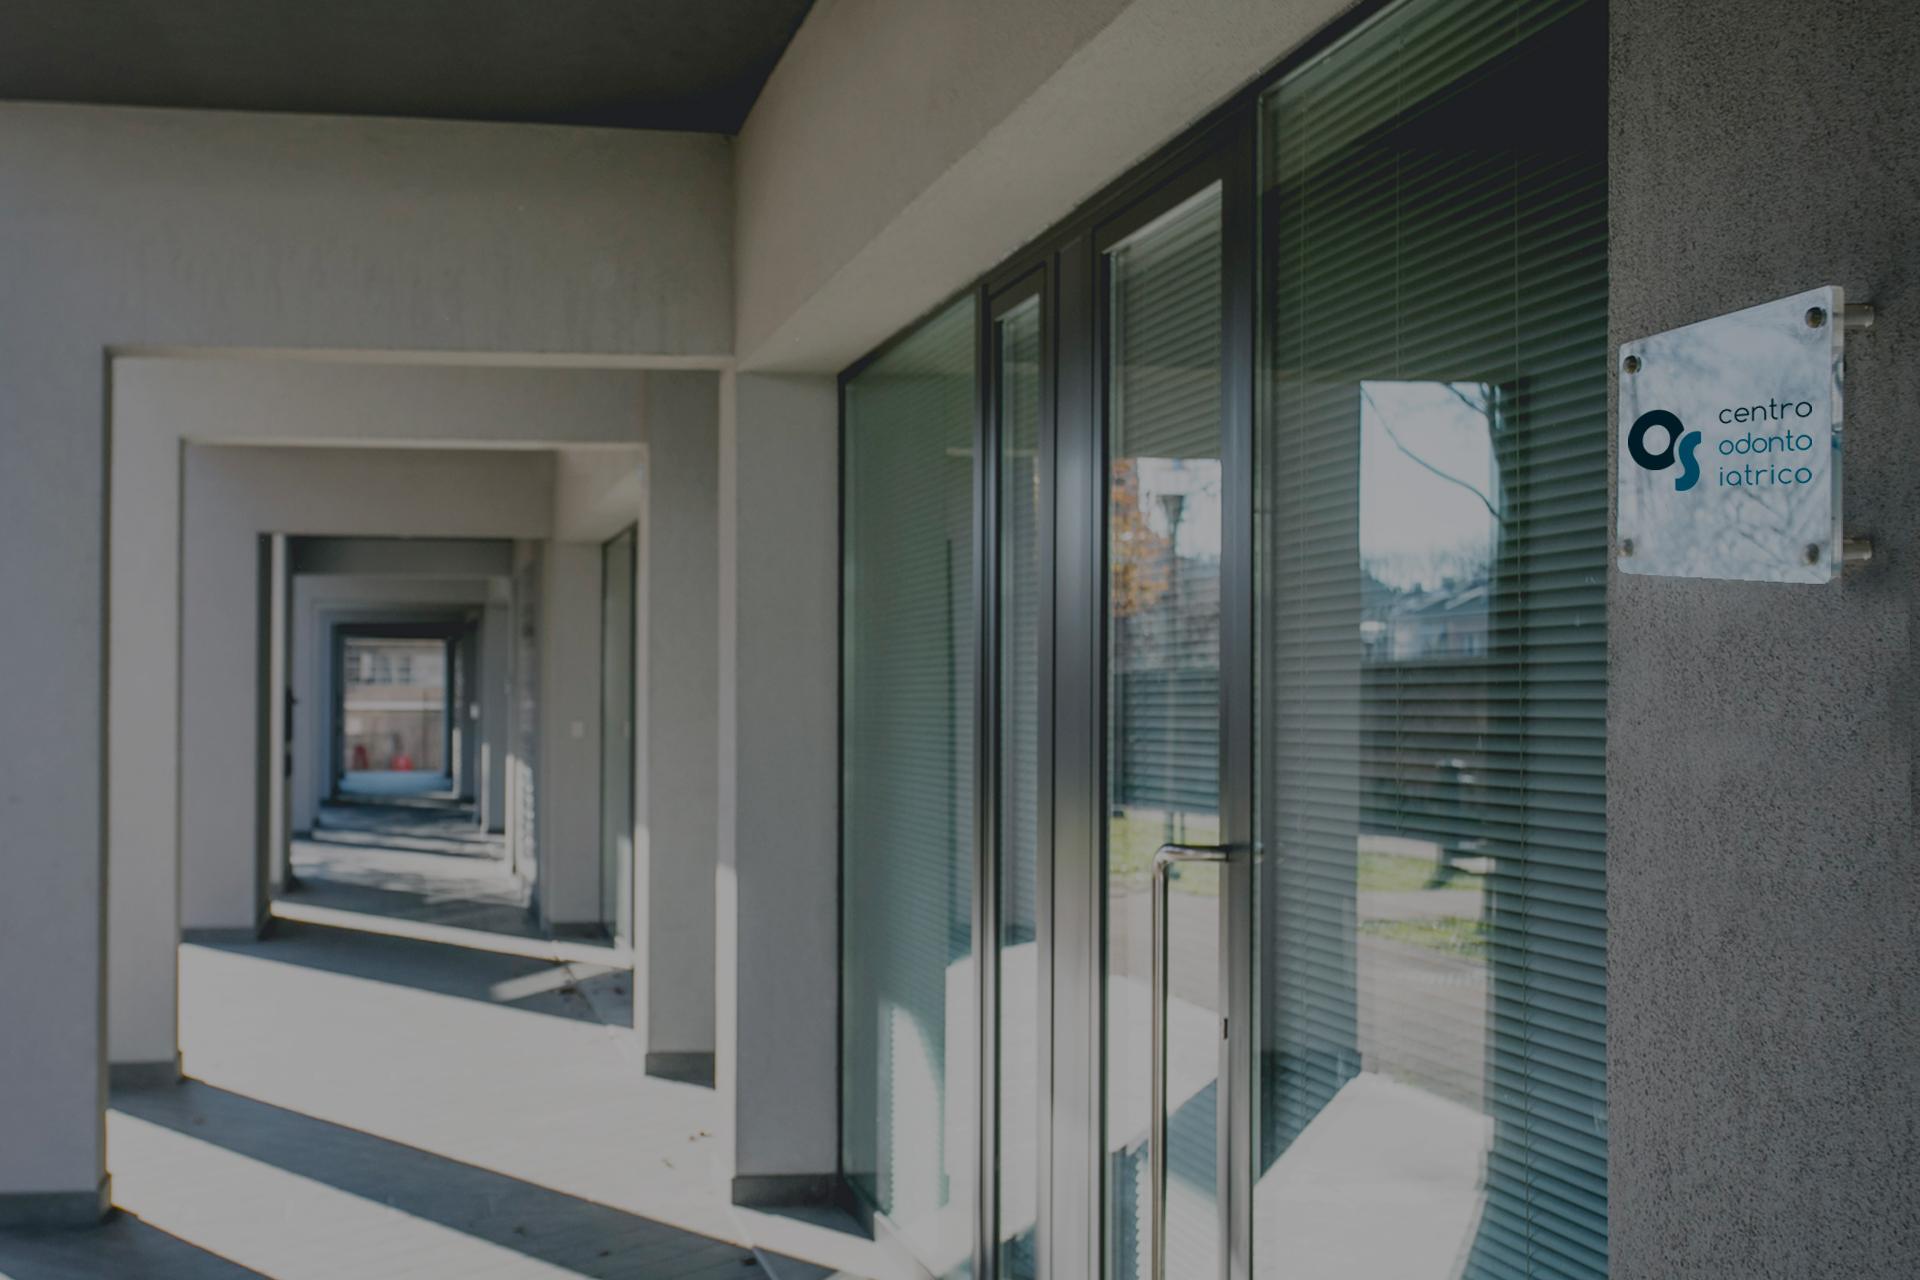 Indirizzo del Centro Odonotiatrico OS a Forlì